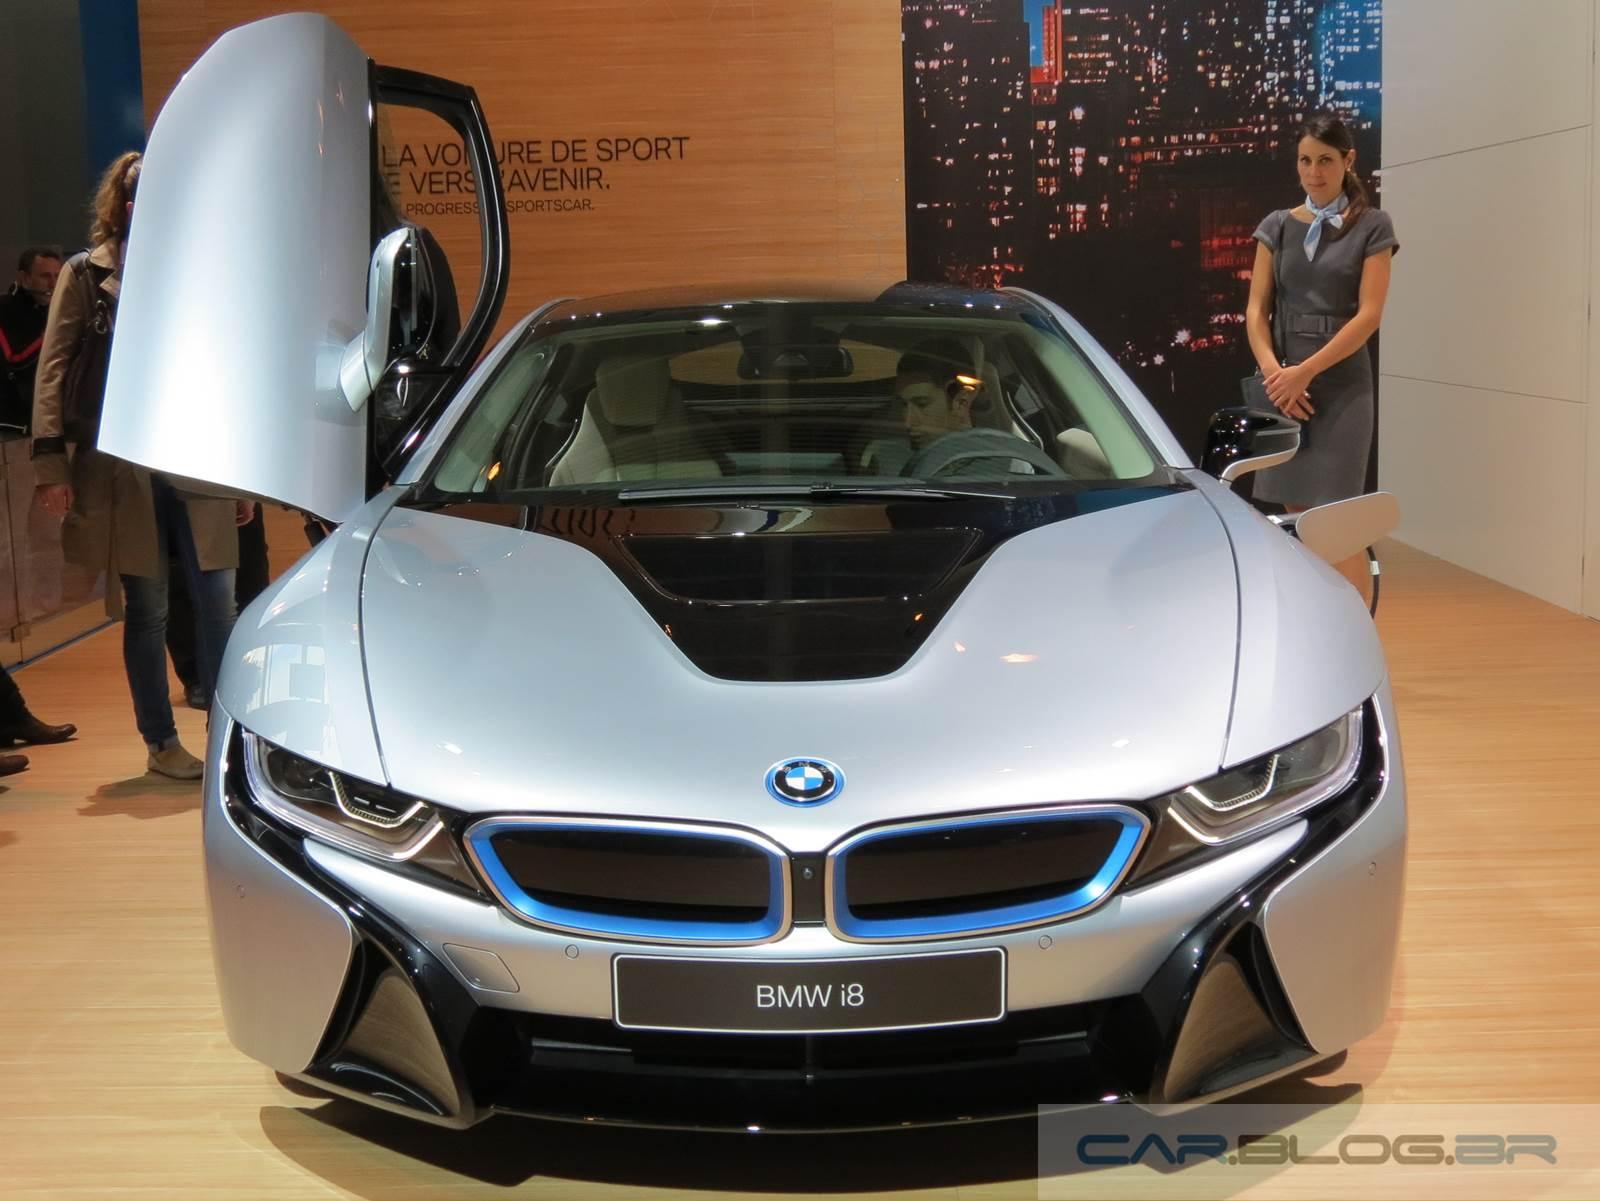 Bmw I3 E Bmw I8 Feitos Para Mostrar Consci 234 Ncia Ambiental Car Blog Br